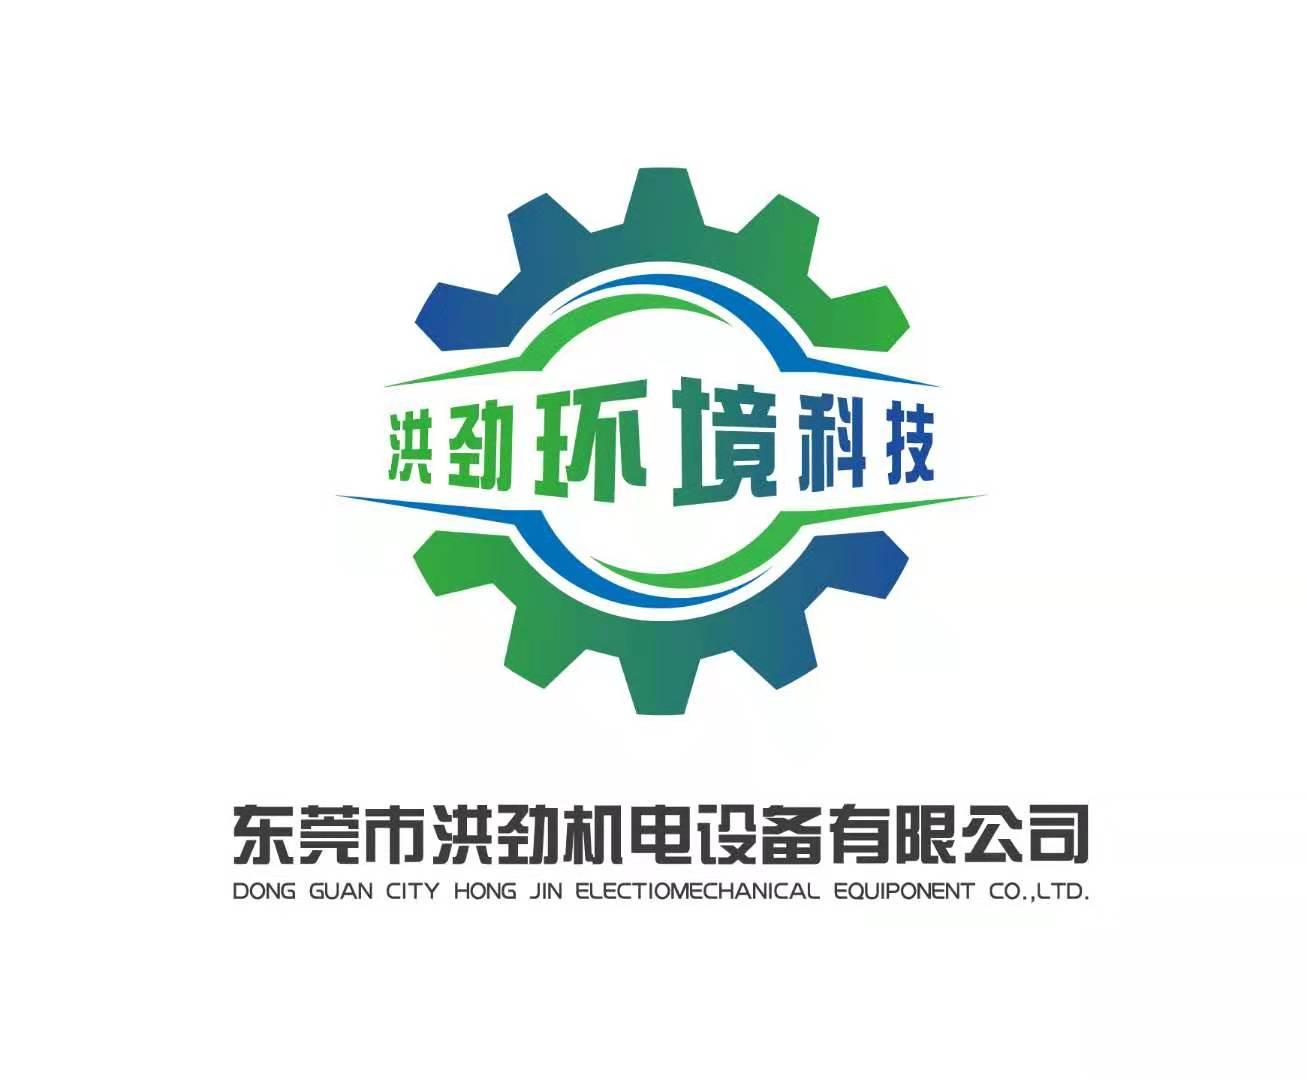 東莞市洪勁機電設備有限公司